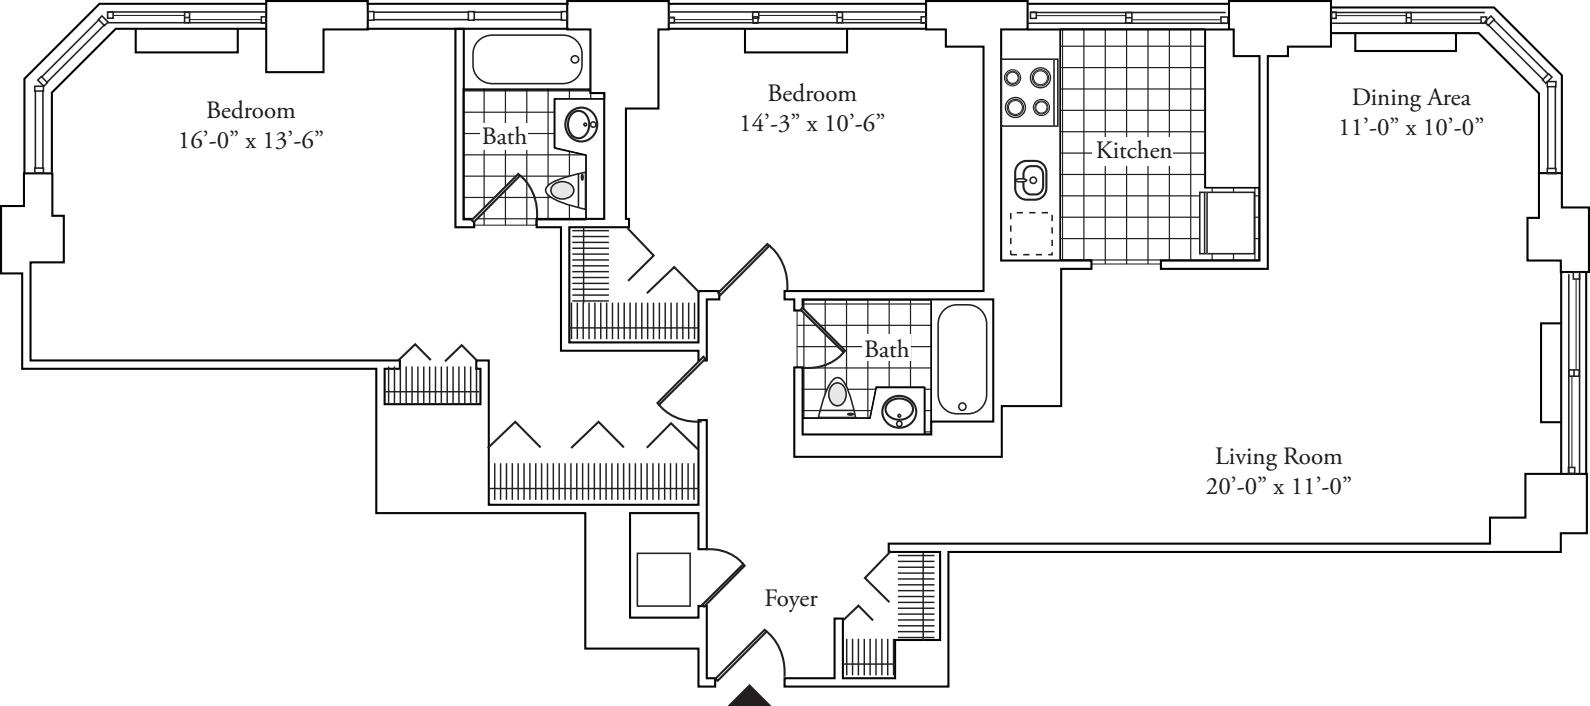 Residence D, floors 37-P2